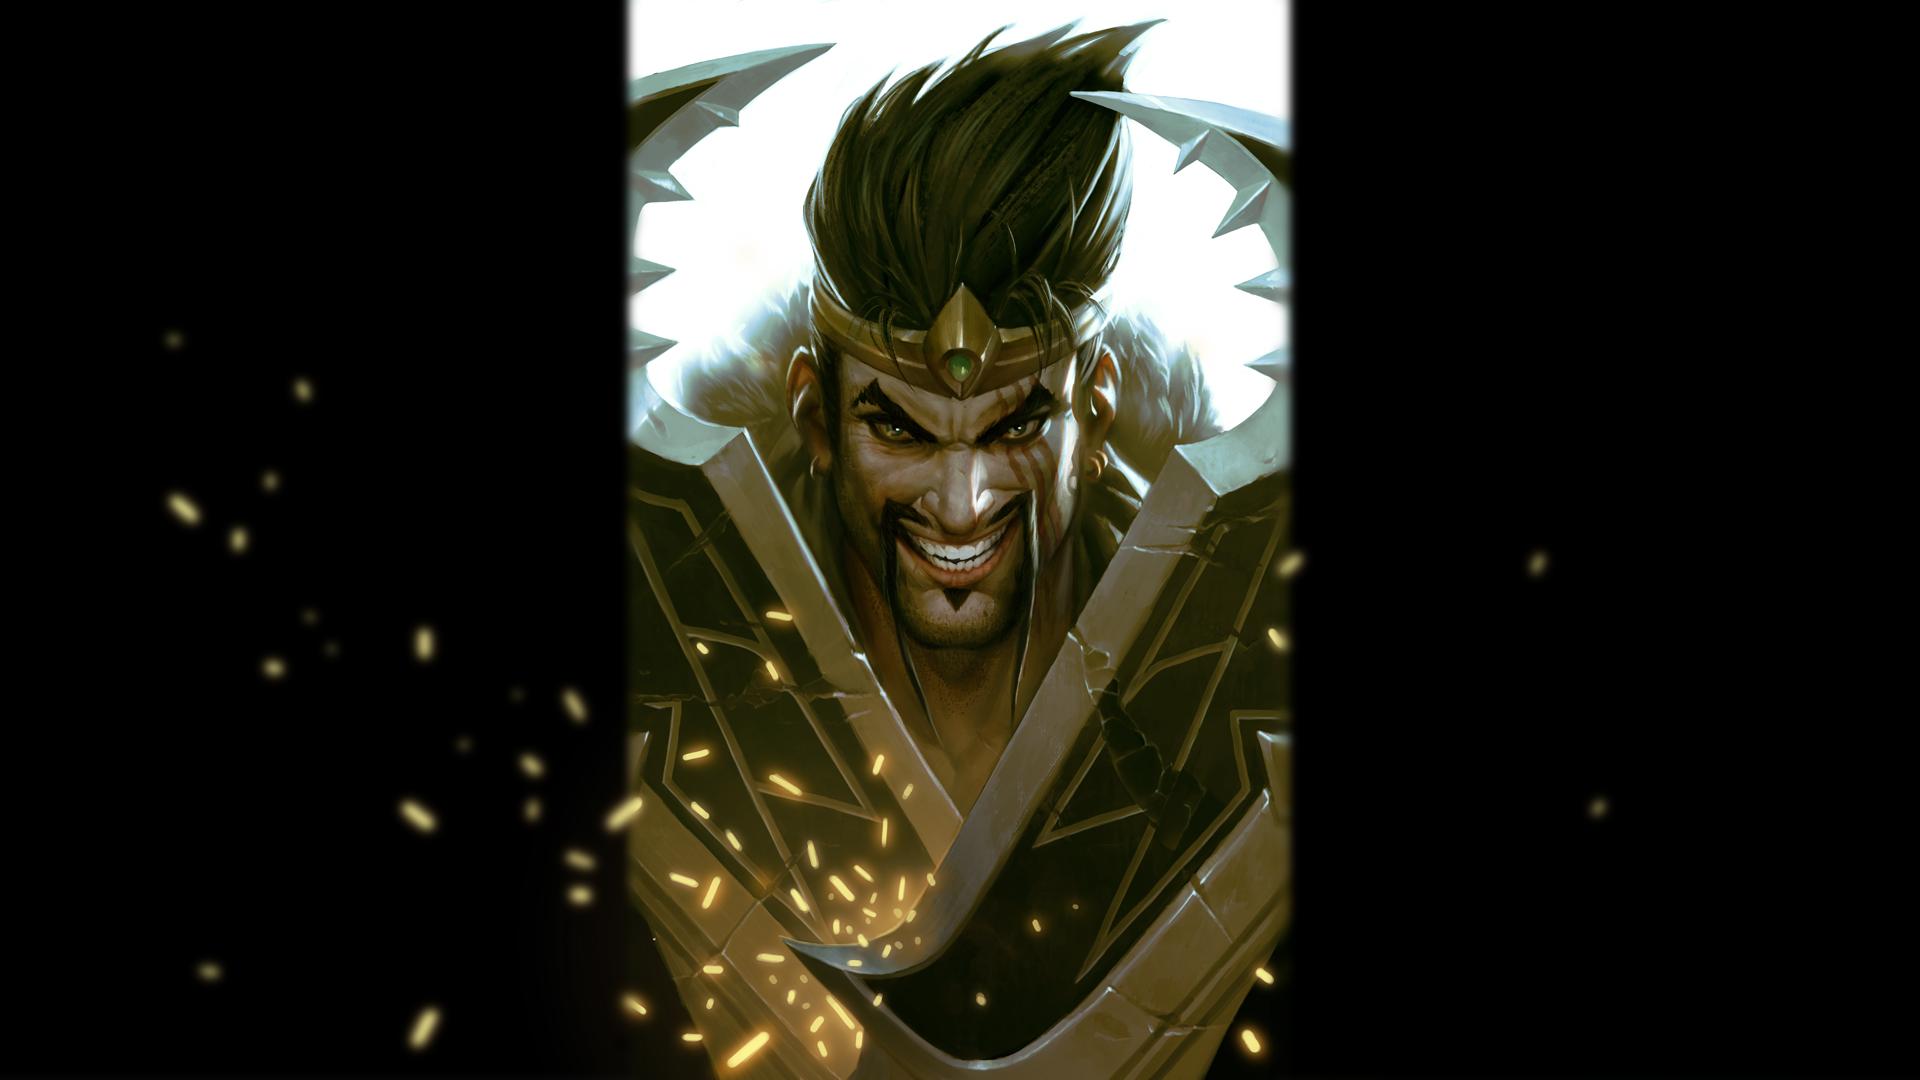 Draven League Of Legends Fan Art